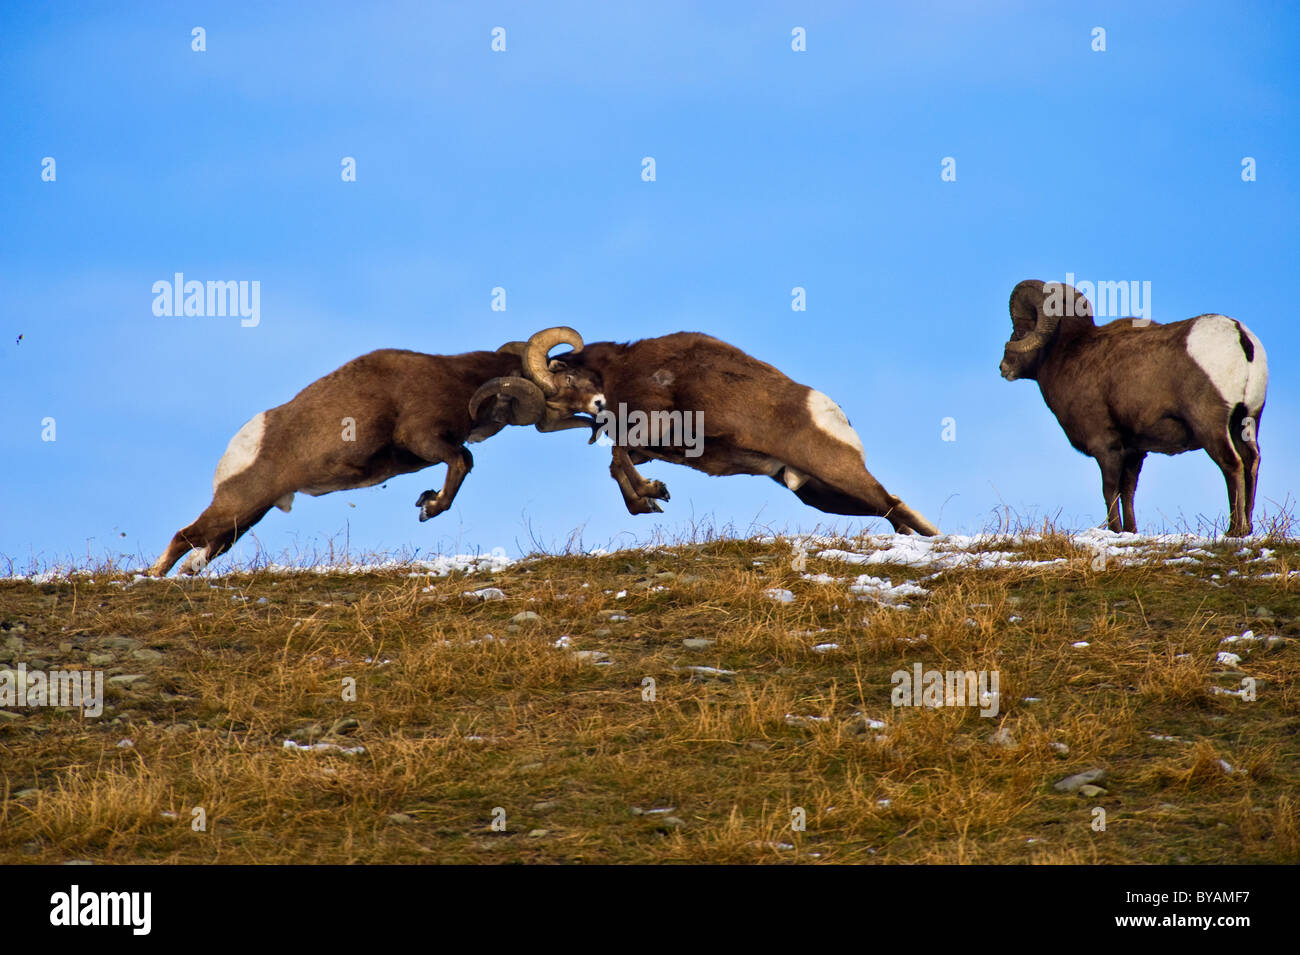 Dos Borrego Cimarrón cruponado cuernos en una colina de hierba Imagen De Stock